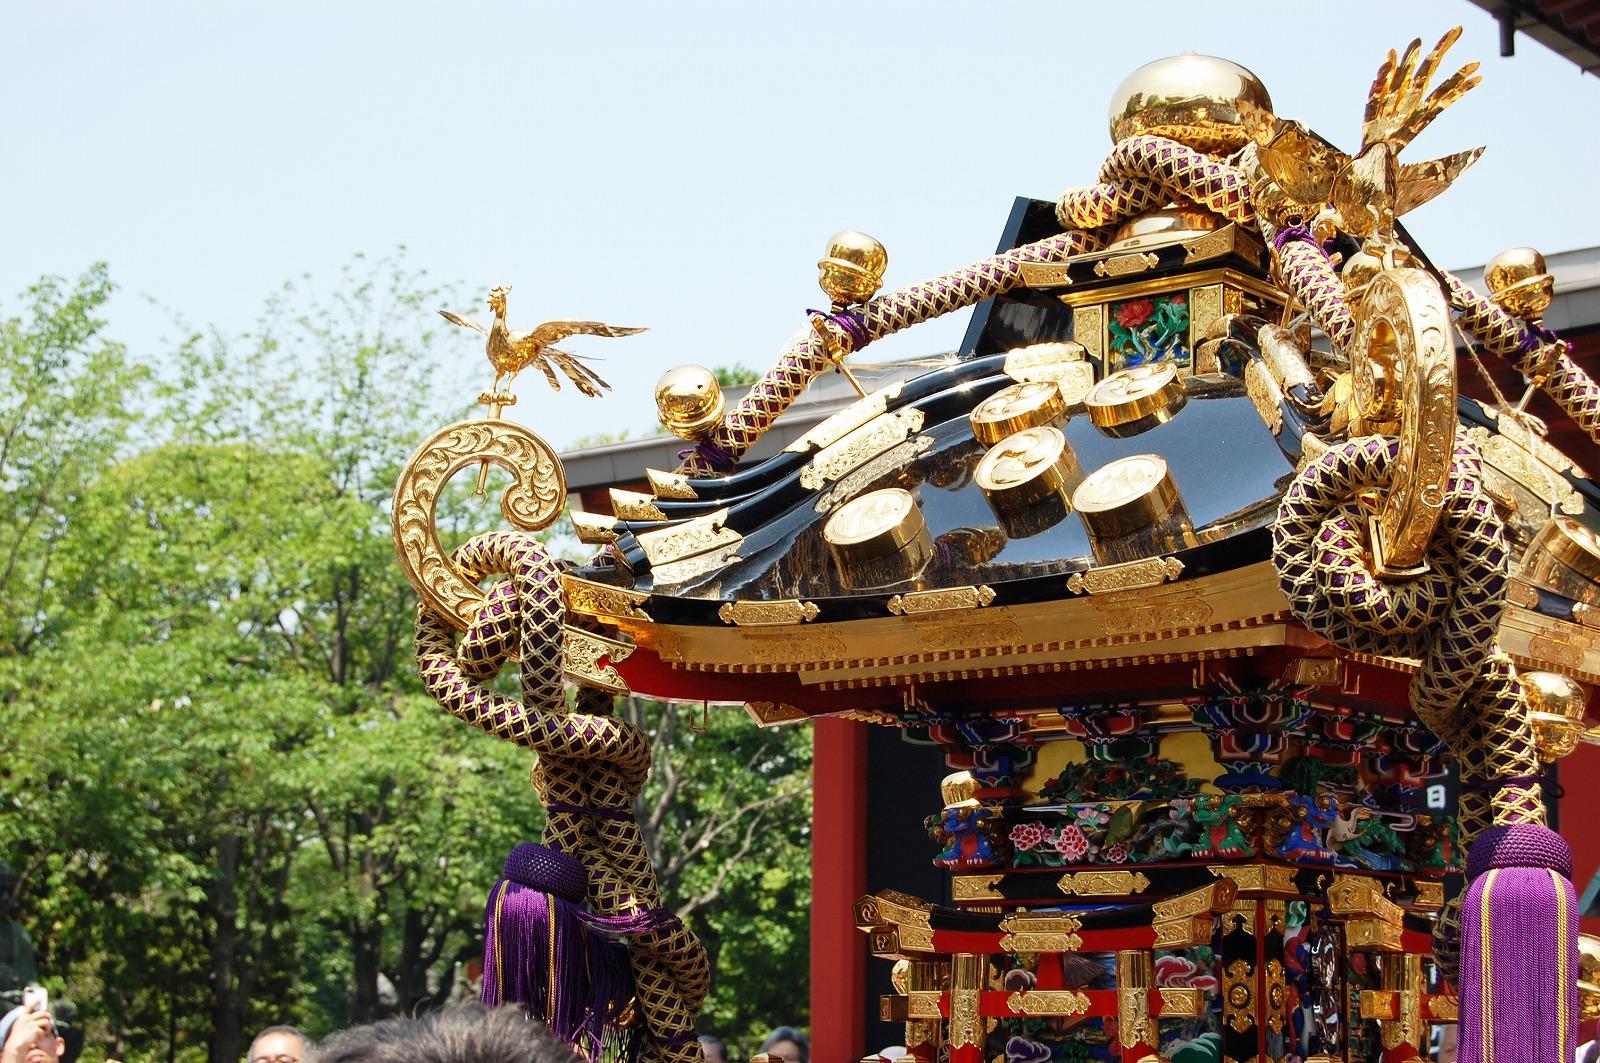 西宮神社とその周辺で「西宮まつり」が9月21日~23日に開催されるよ! #西宮まつり #西宮神社 #西宮市 #子供みこし #かざまつり